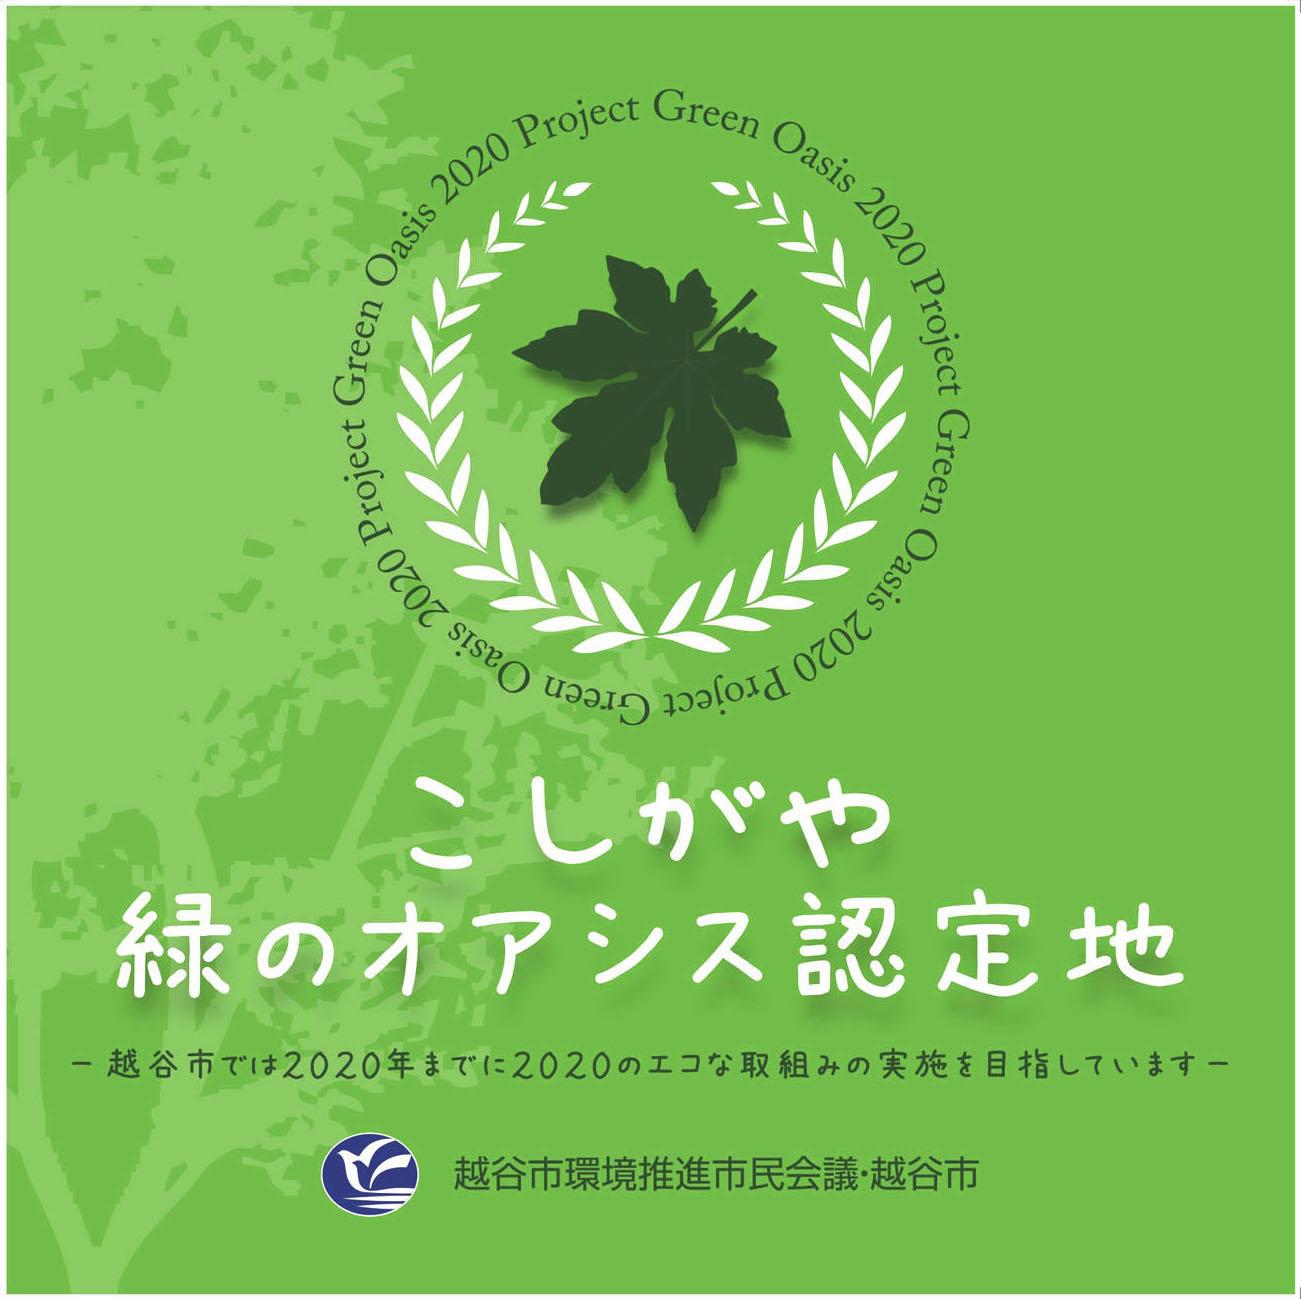 緑のオアシス認定地